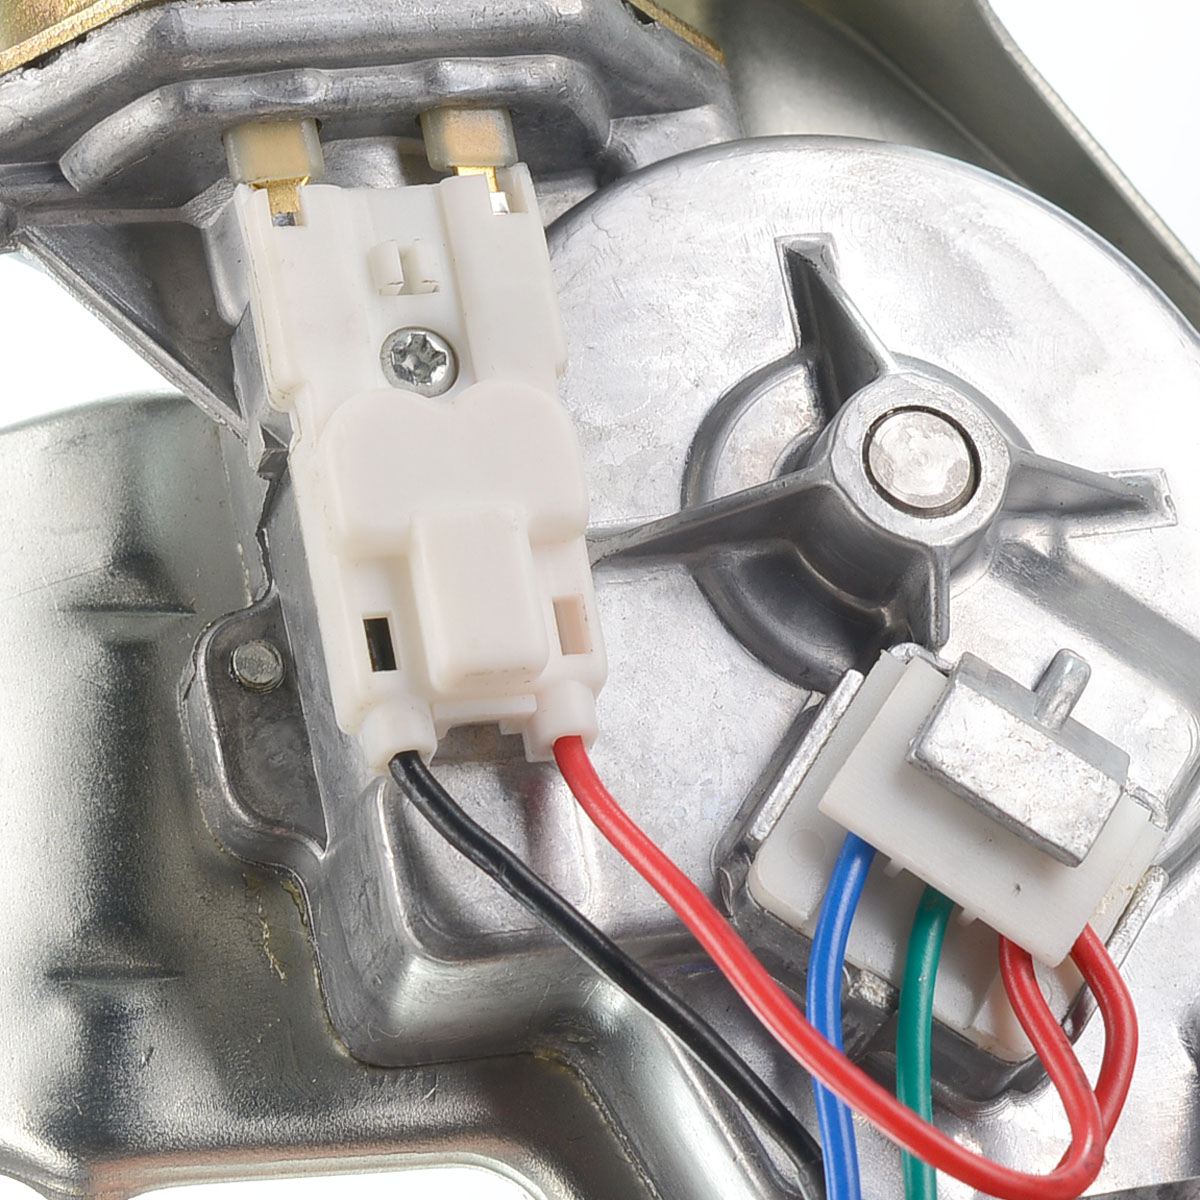 hight resolution of rear windshield wiper motor for honda odyssey 1994 1995 1996 1997 1998 1999 2000 2001 2002 2003 2004 76710s0xa01 434021 in windscreen wipers from